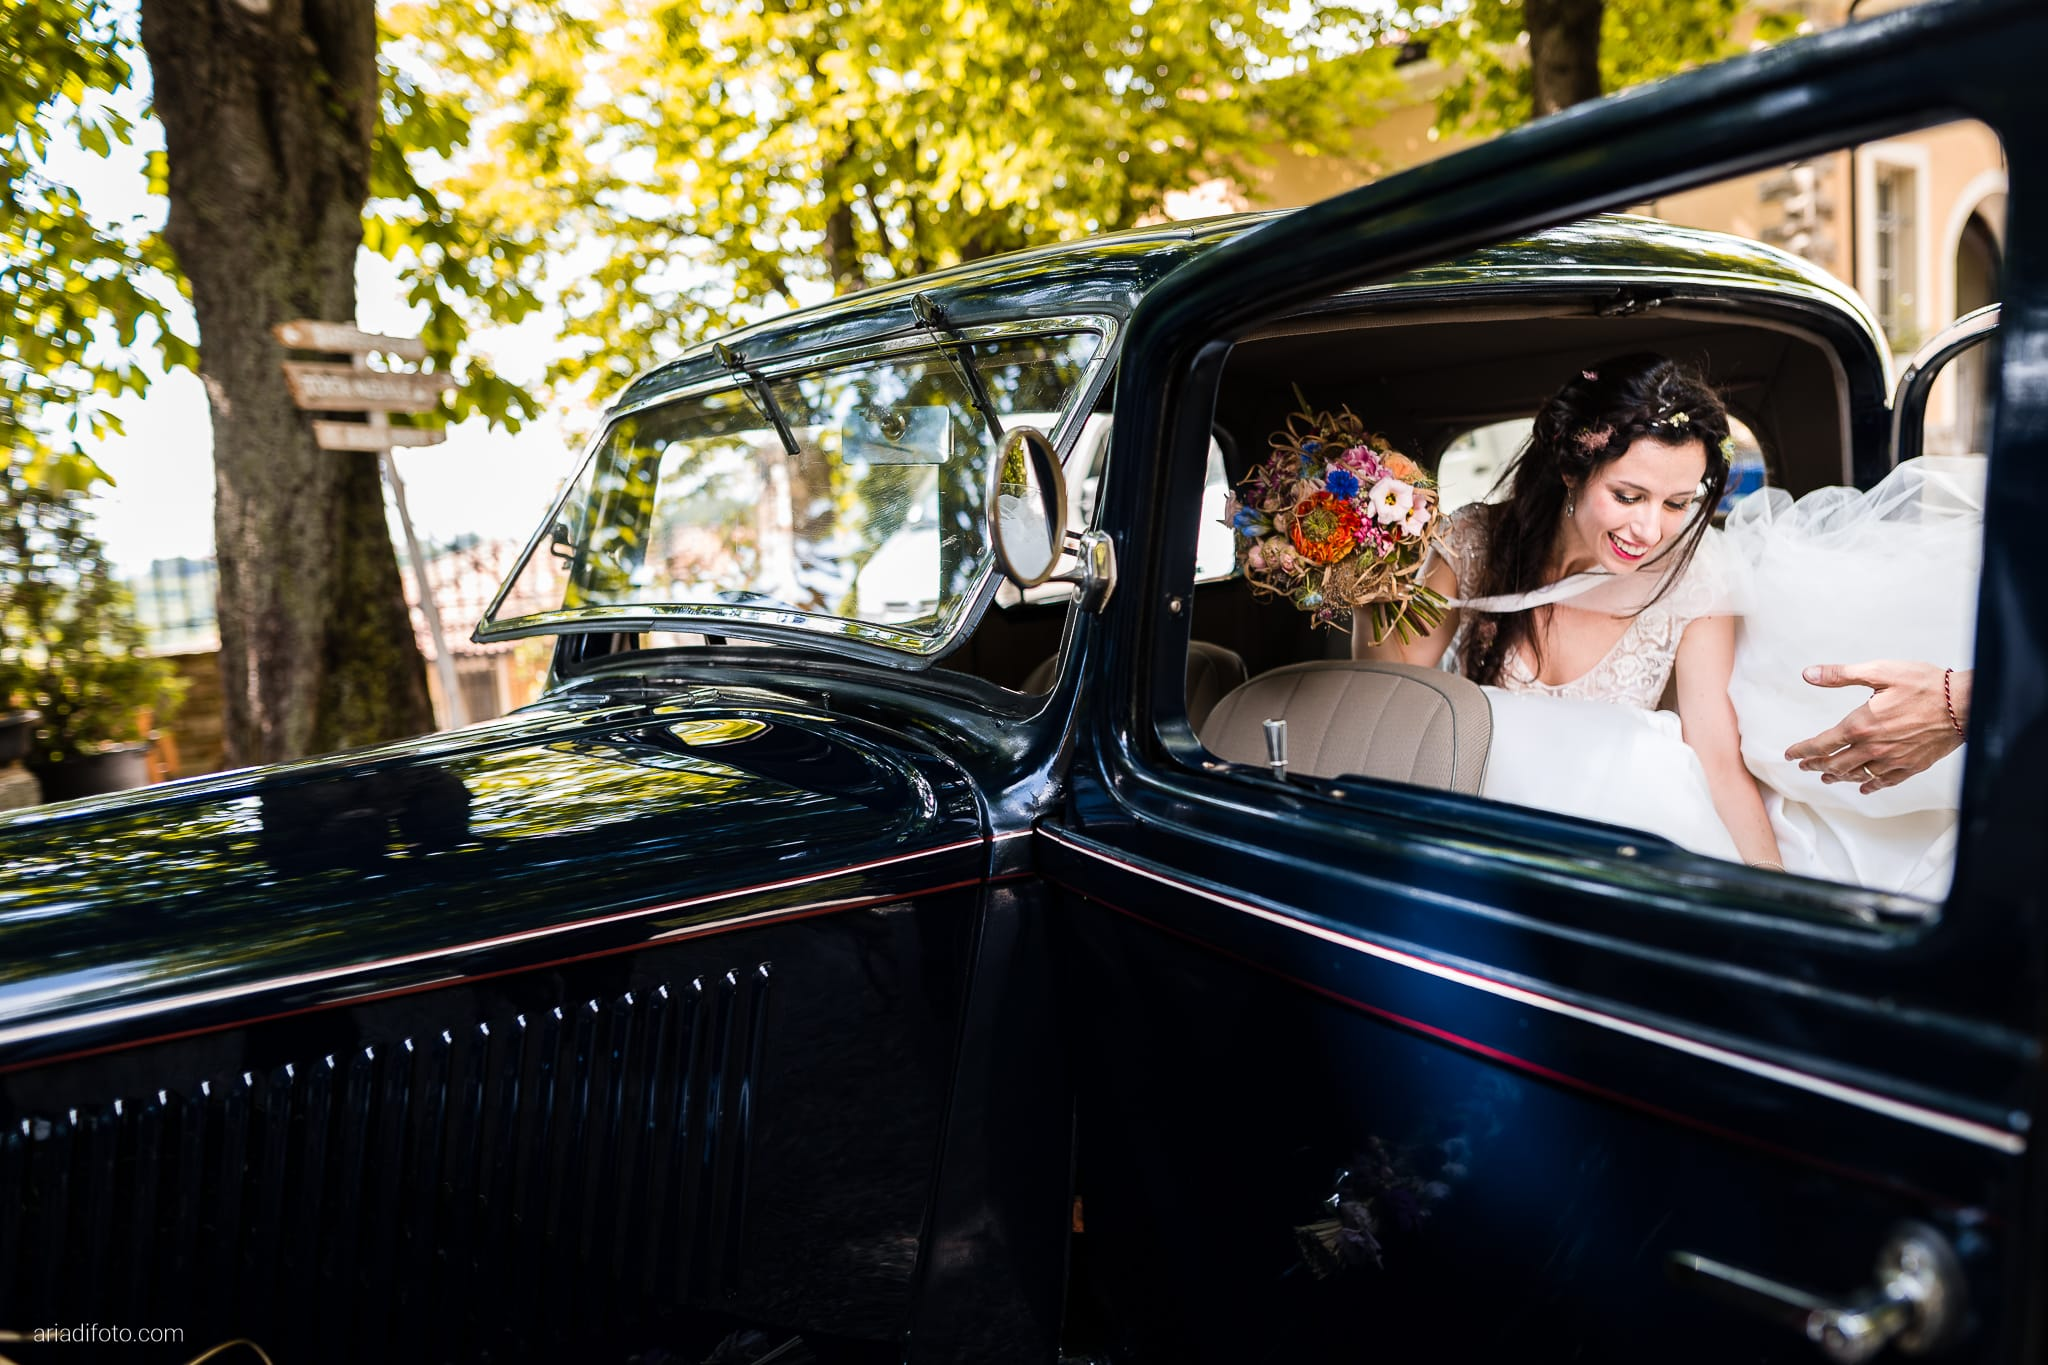 Giorgia Davide Matrimonio Muggia Trieste Baronesse Tacco San Floriano Del Collio Gorizia ricevimento auto sposi